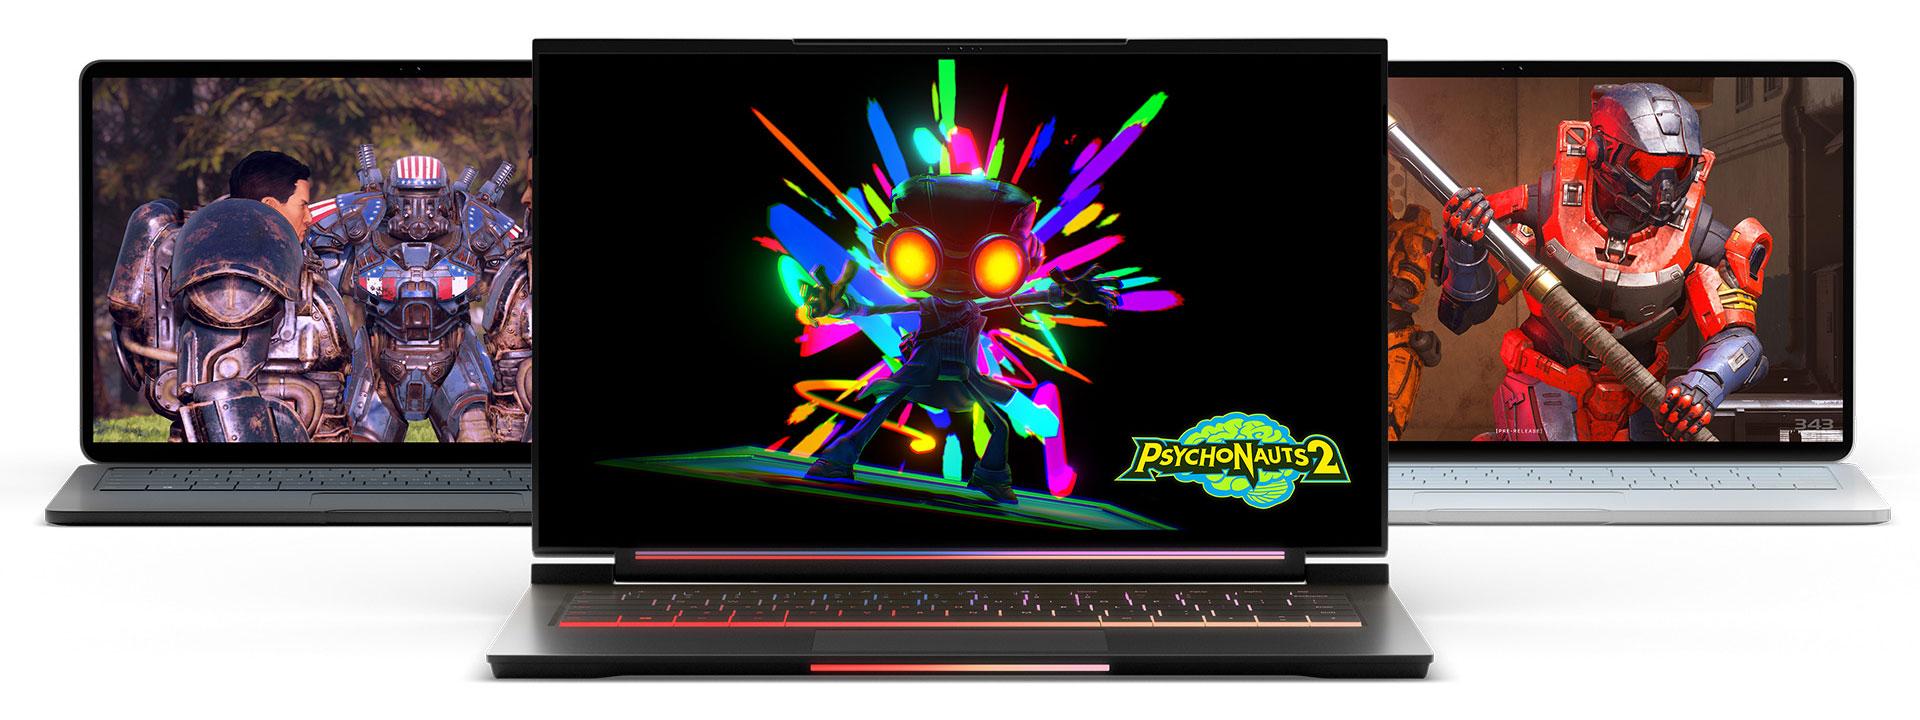 Tre bärbara datorer med datorspel som visas på skärmen